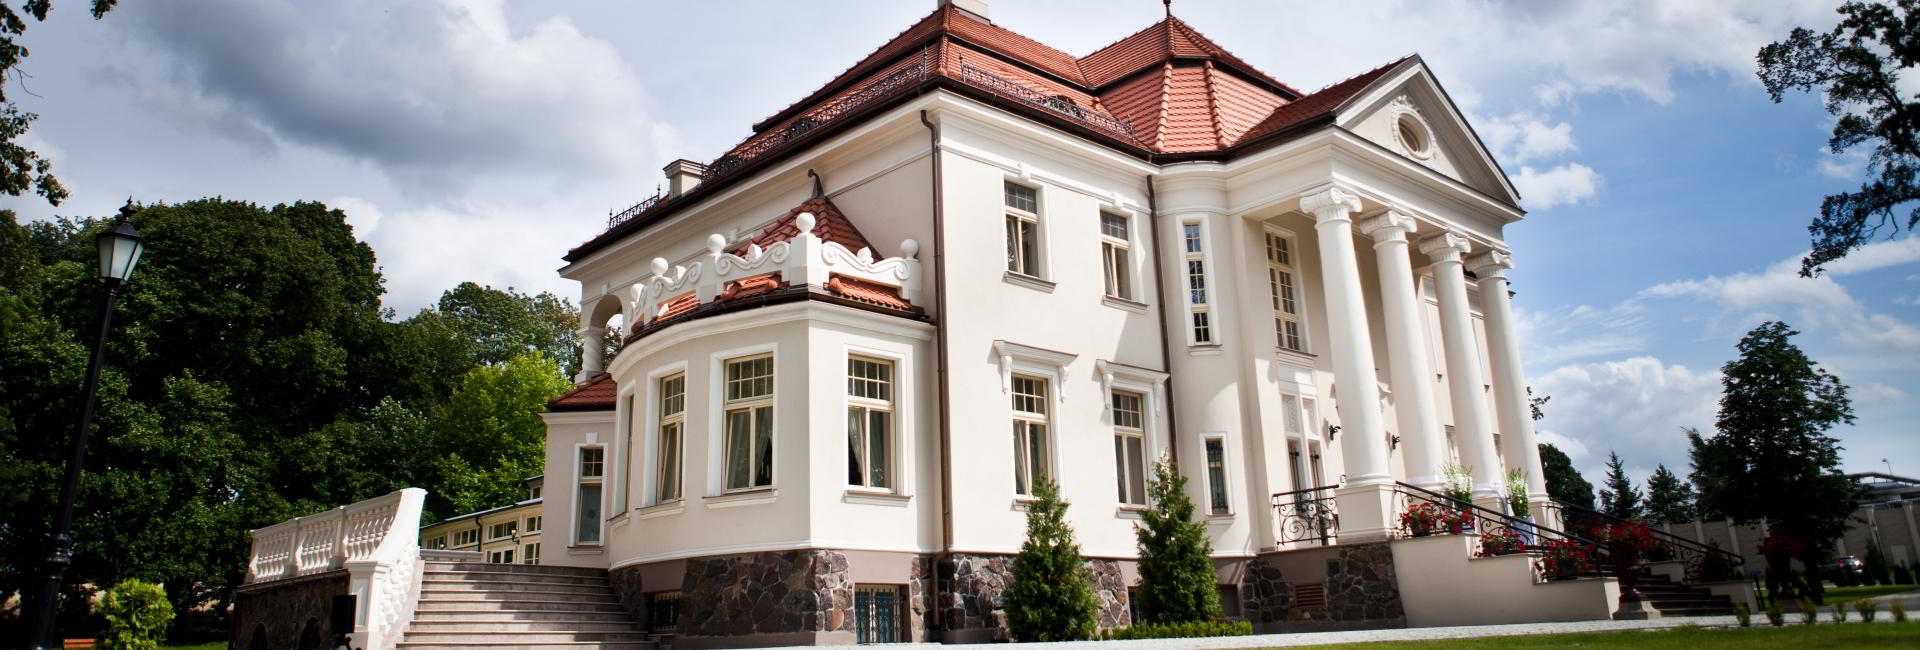 Tlokinia Palace in ul. Kościelna 46 62-860 Tłokinia Kościelna, Poland